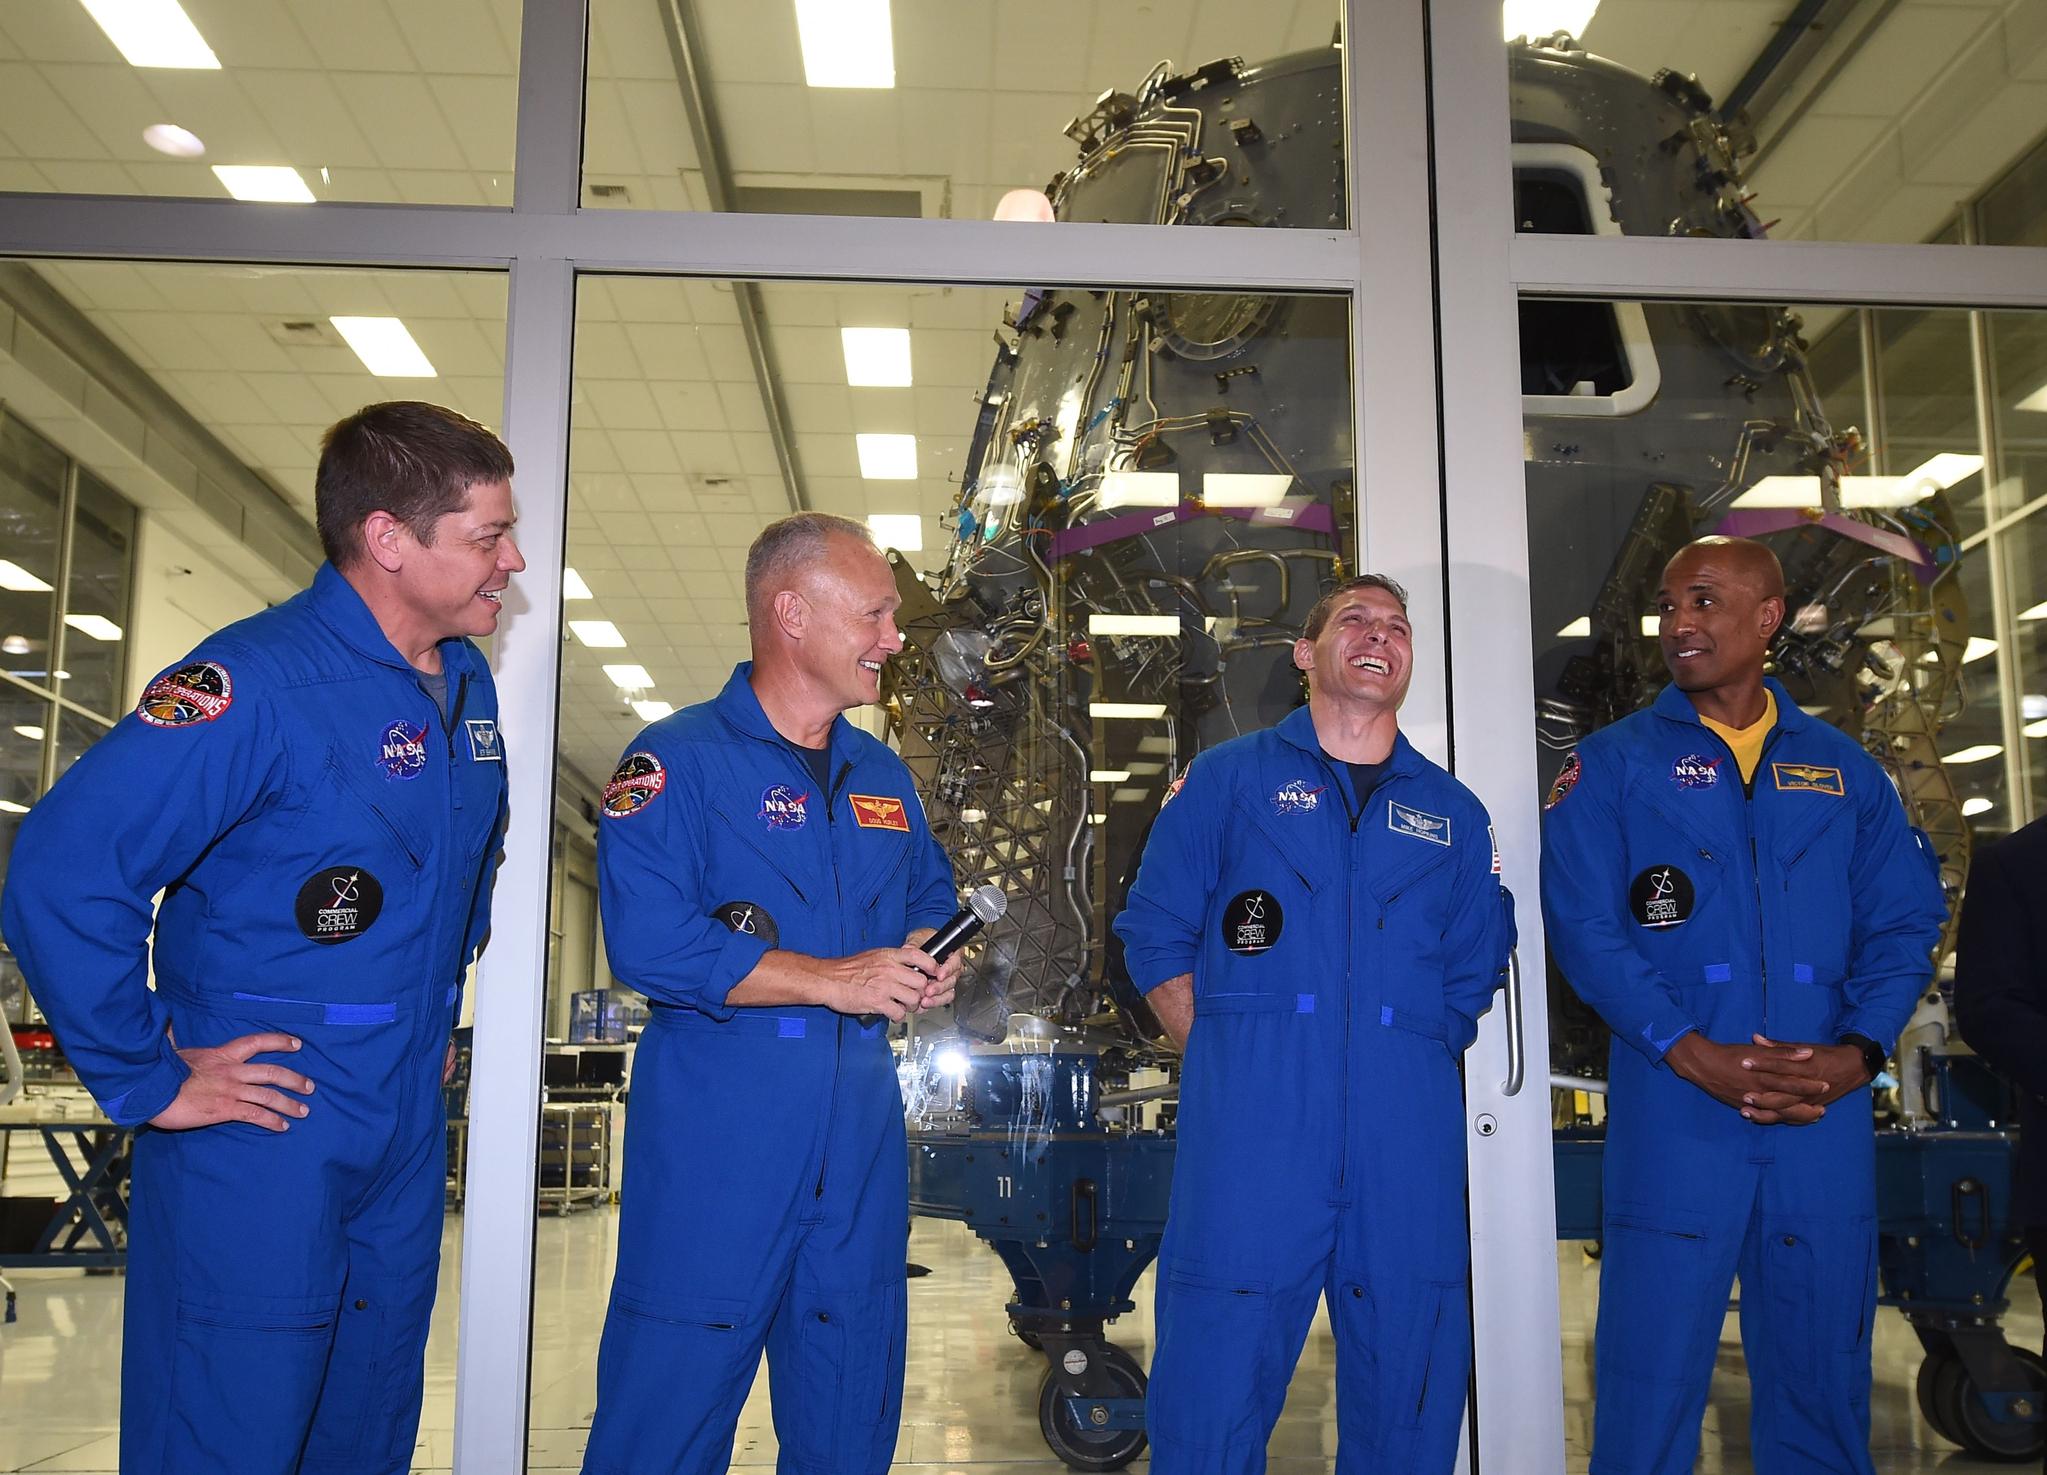 크루 드래곤을 시험 비행할 나사 우주비행사들. 왼쪽부터 밥 벤켄, 더글라스 헐리, 마이크 홉킨스, 빅터 글로버. 이들은 내년 4월 첫 비행 임무를 할 예정이다. [AFP=연합뉴스]